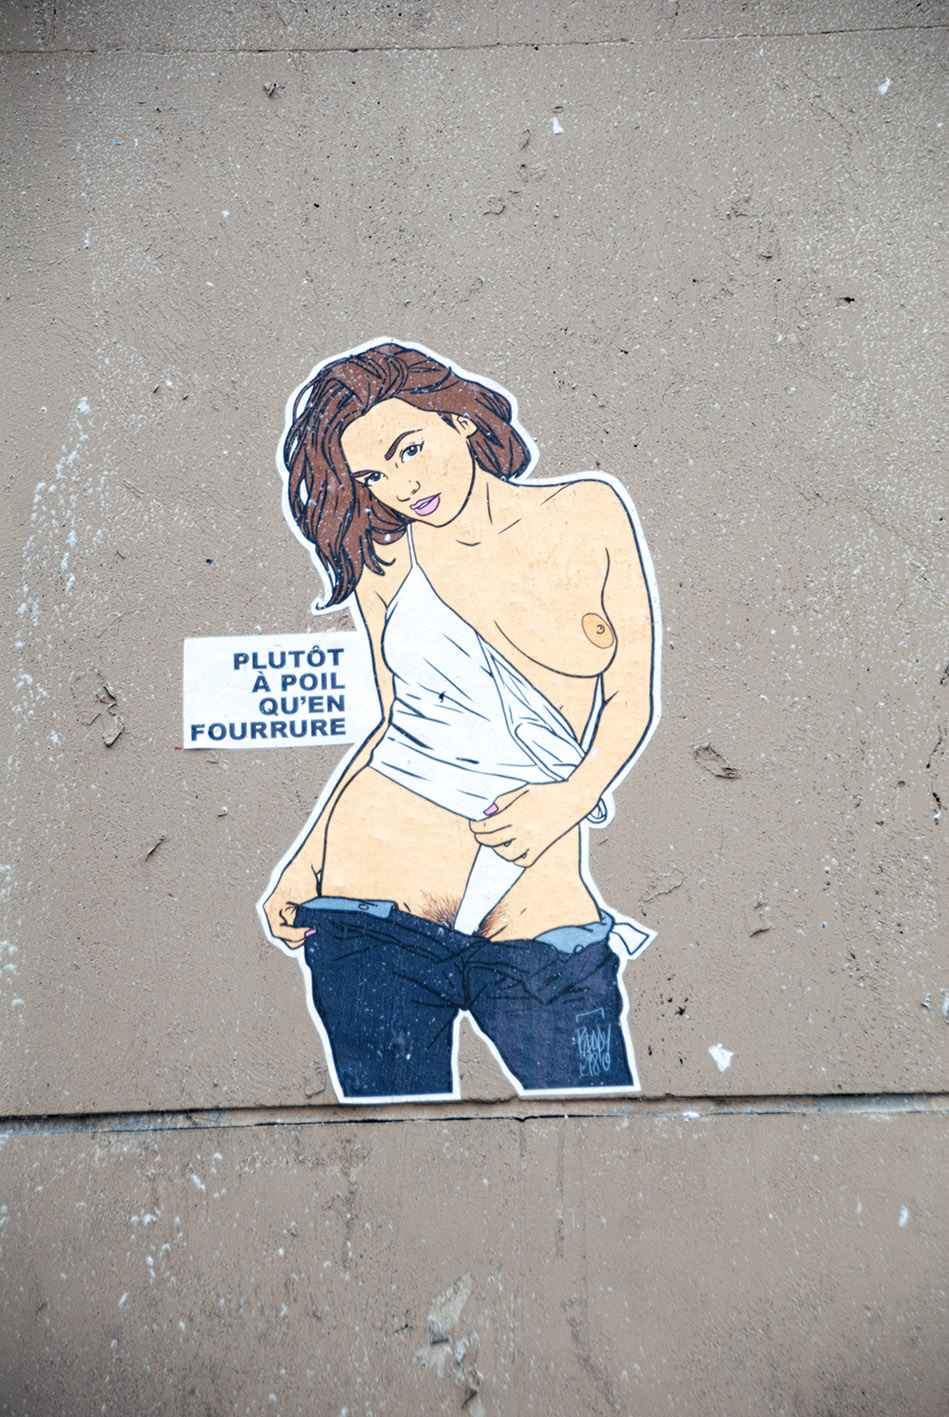 arte urbano Paddy, Francia - París